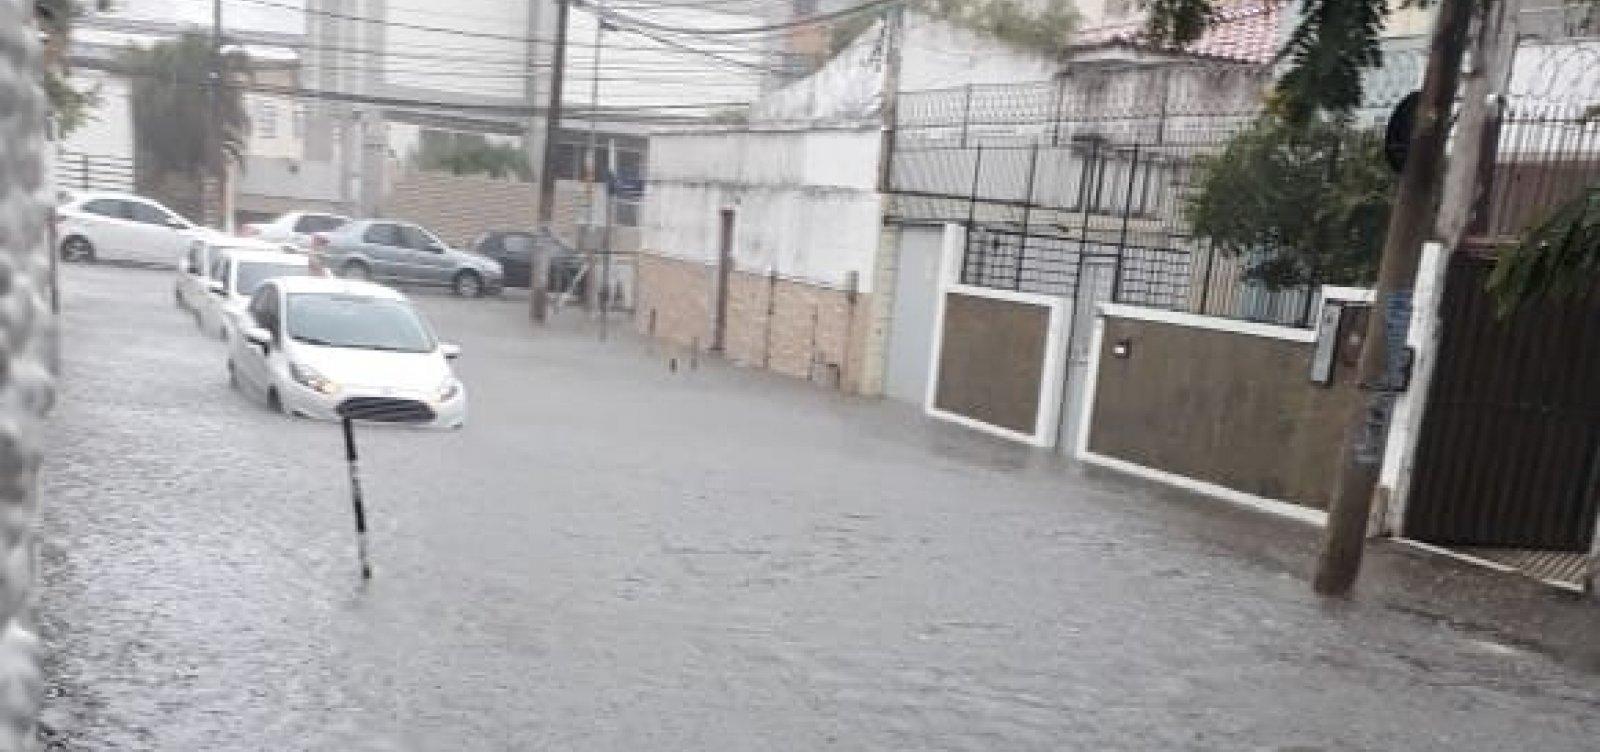 Com chuva forte, Salvador supera volume de água esperado para o mês de novembro